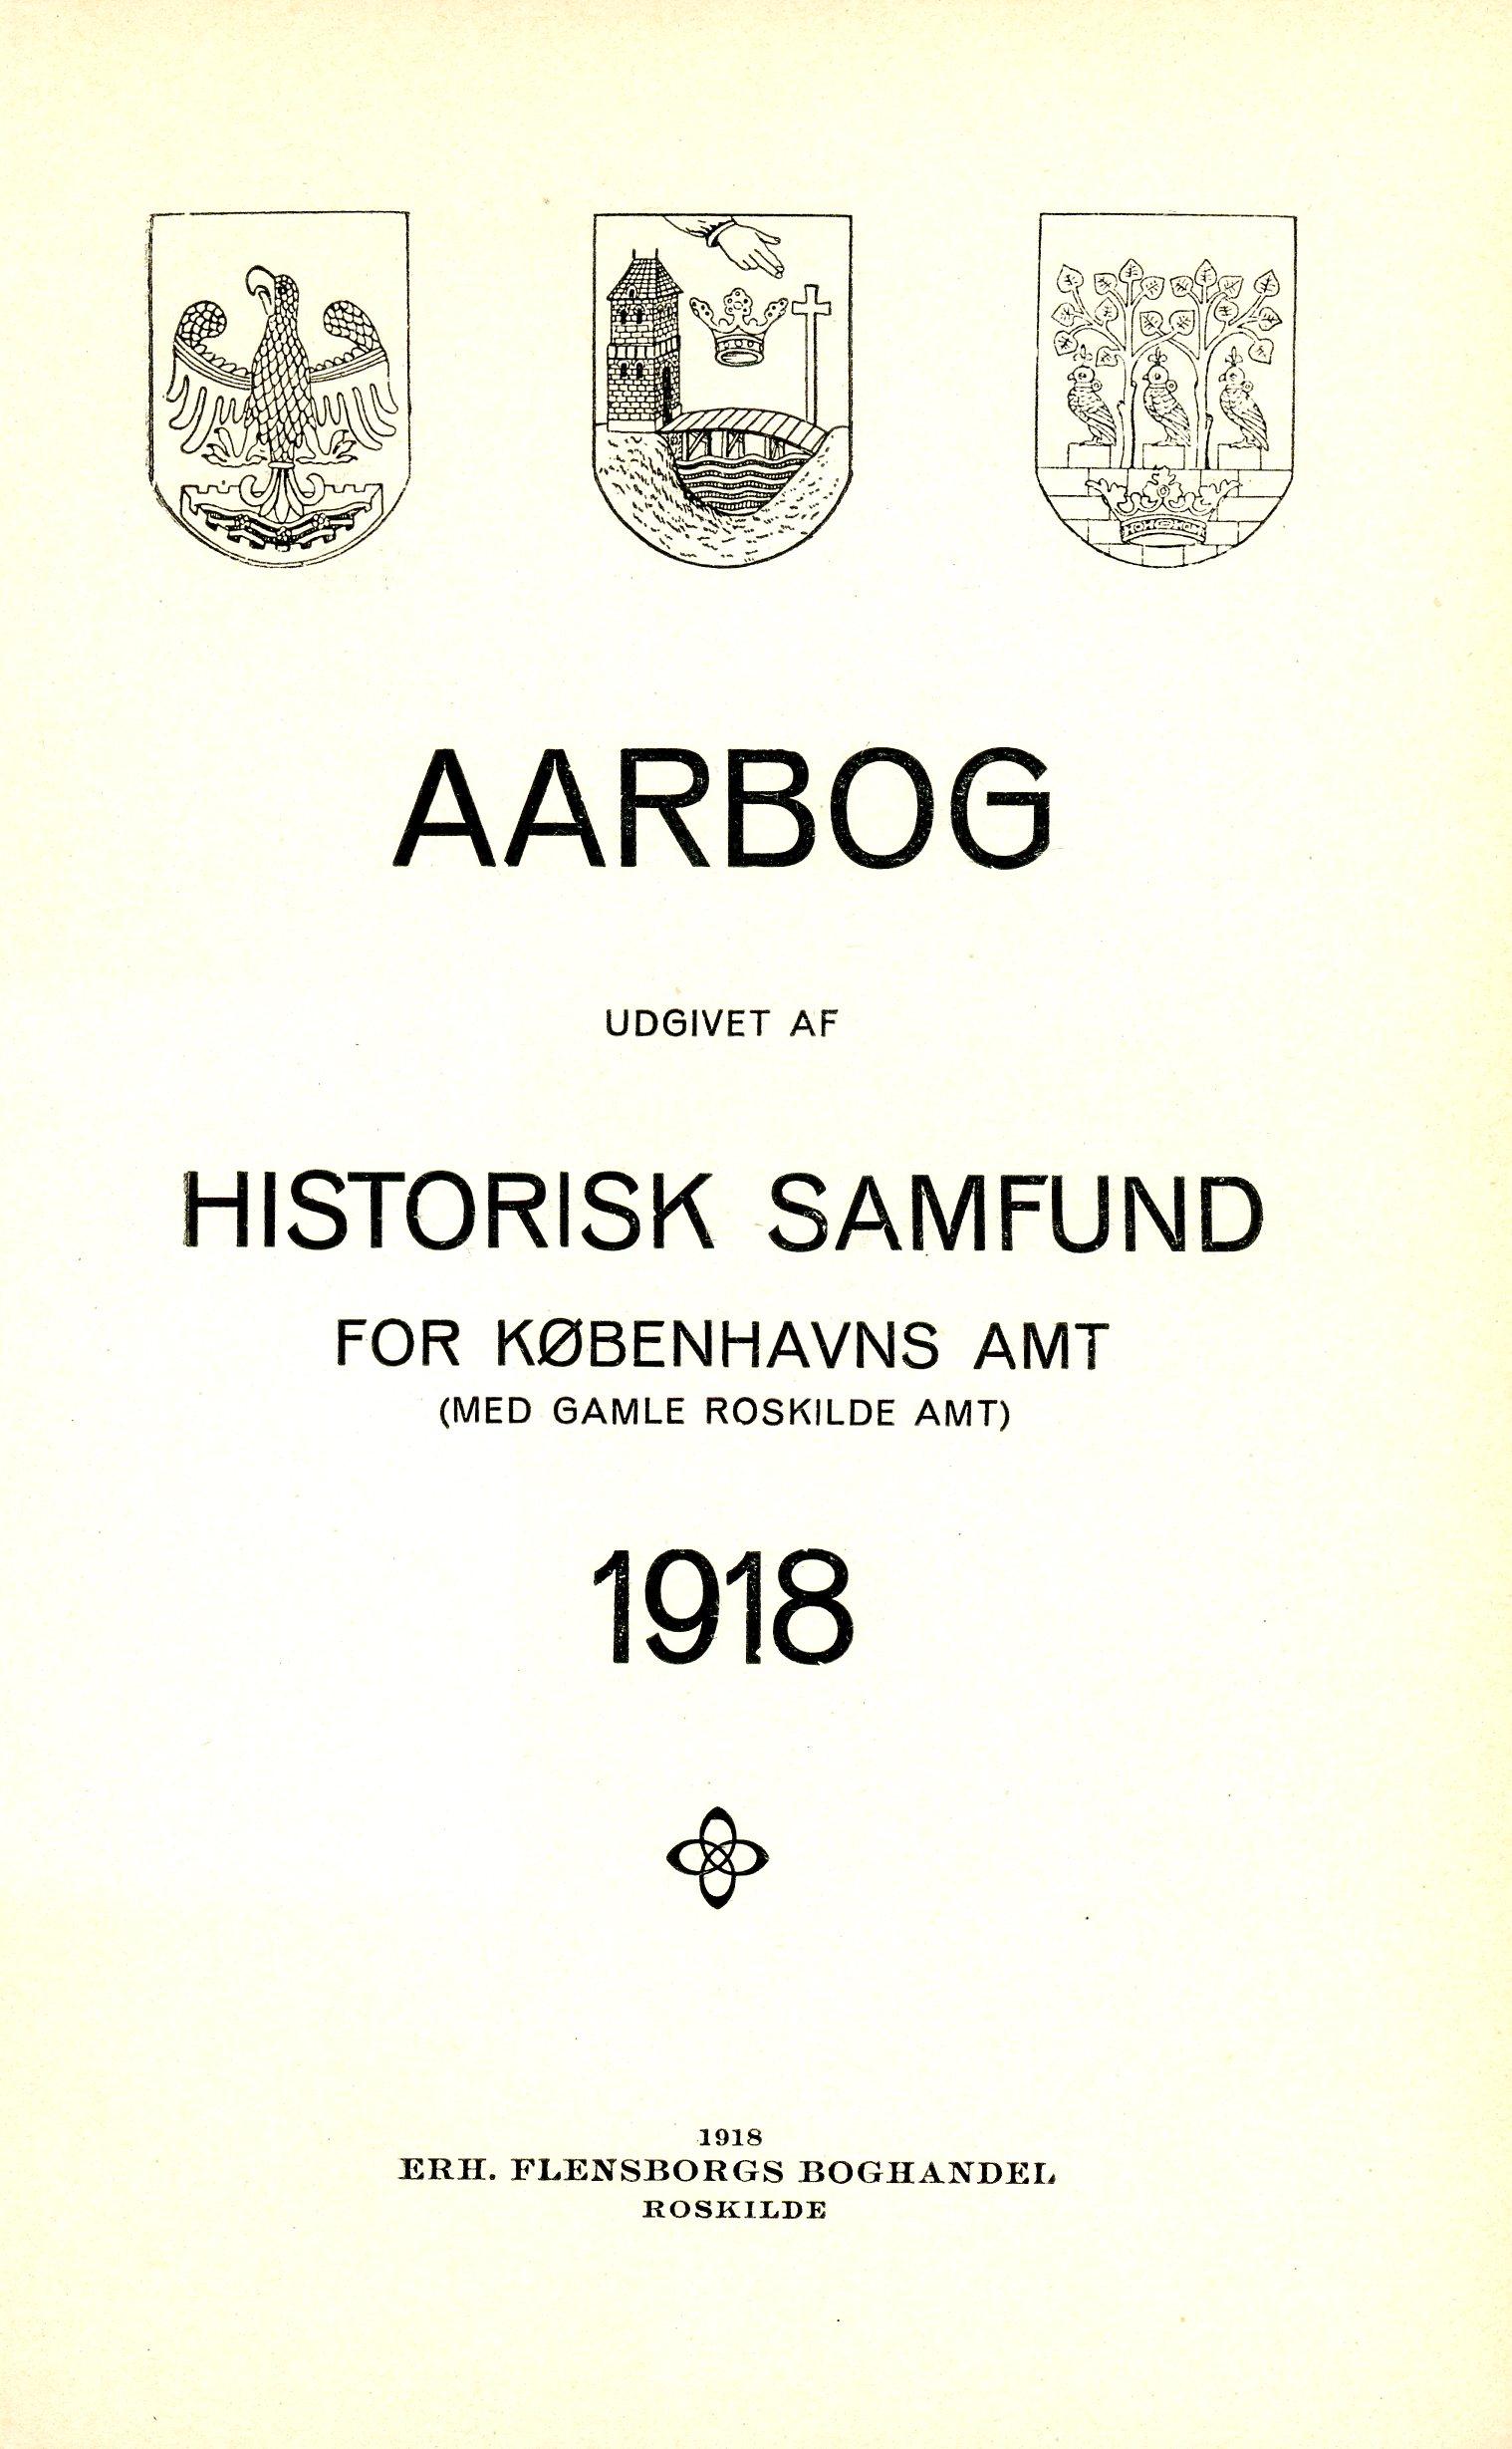 Se Nr. 1 (1918): Aarbog udgivet af Historisk Samfund for Københavns Amt (med gamle Roskilde Amt) 1918